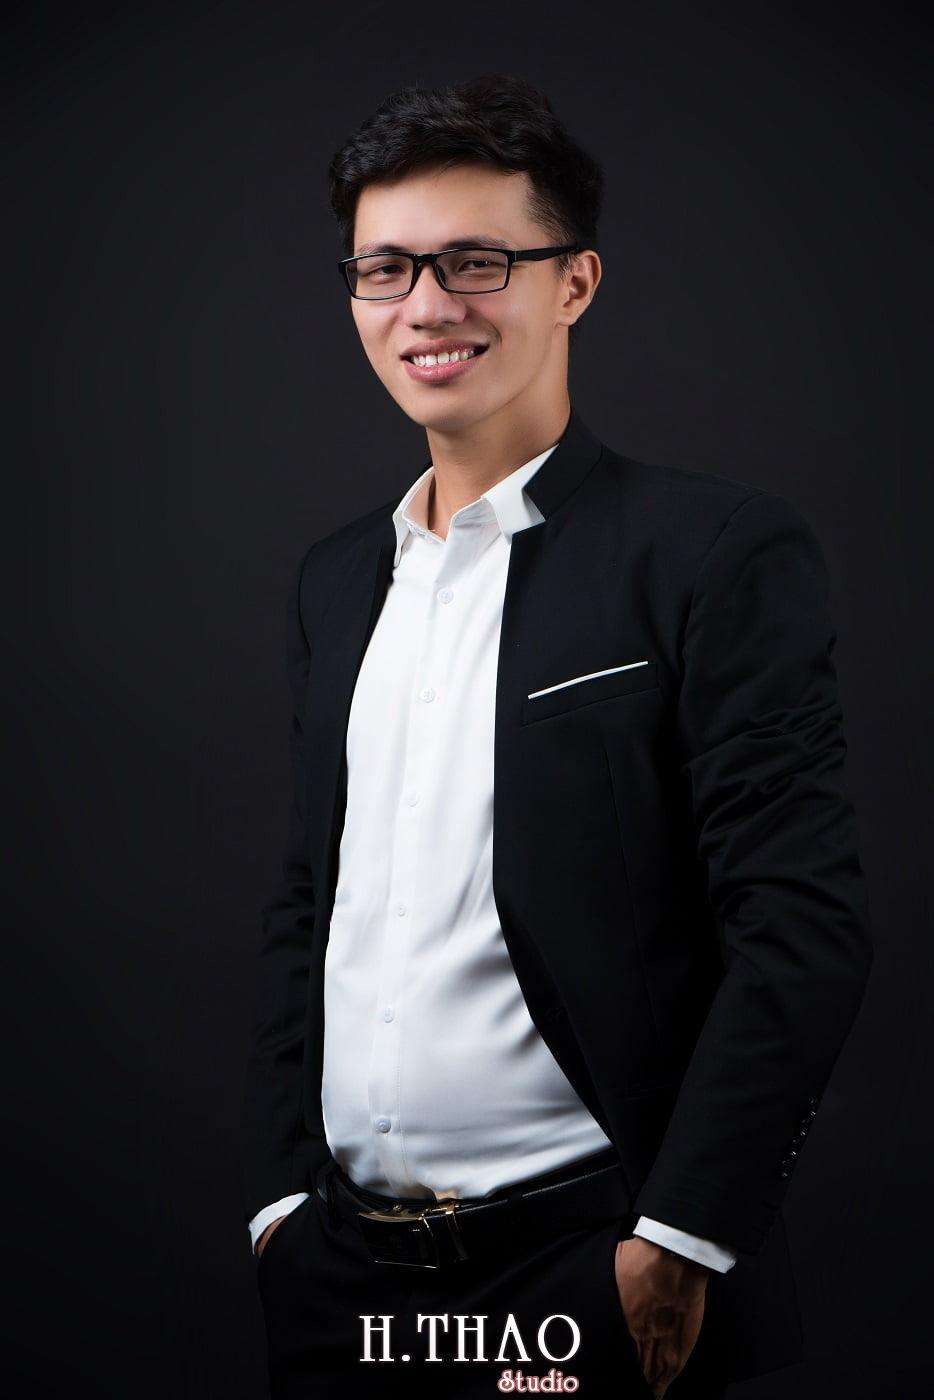 Leo 4 min - Studio chụp ảnh profile cá nhân chuyên nghiệp ở Tp.HCM- HThao Studio